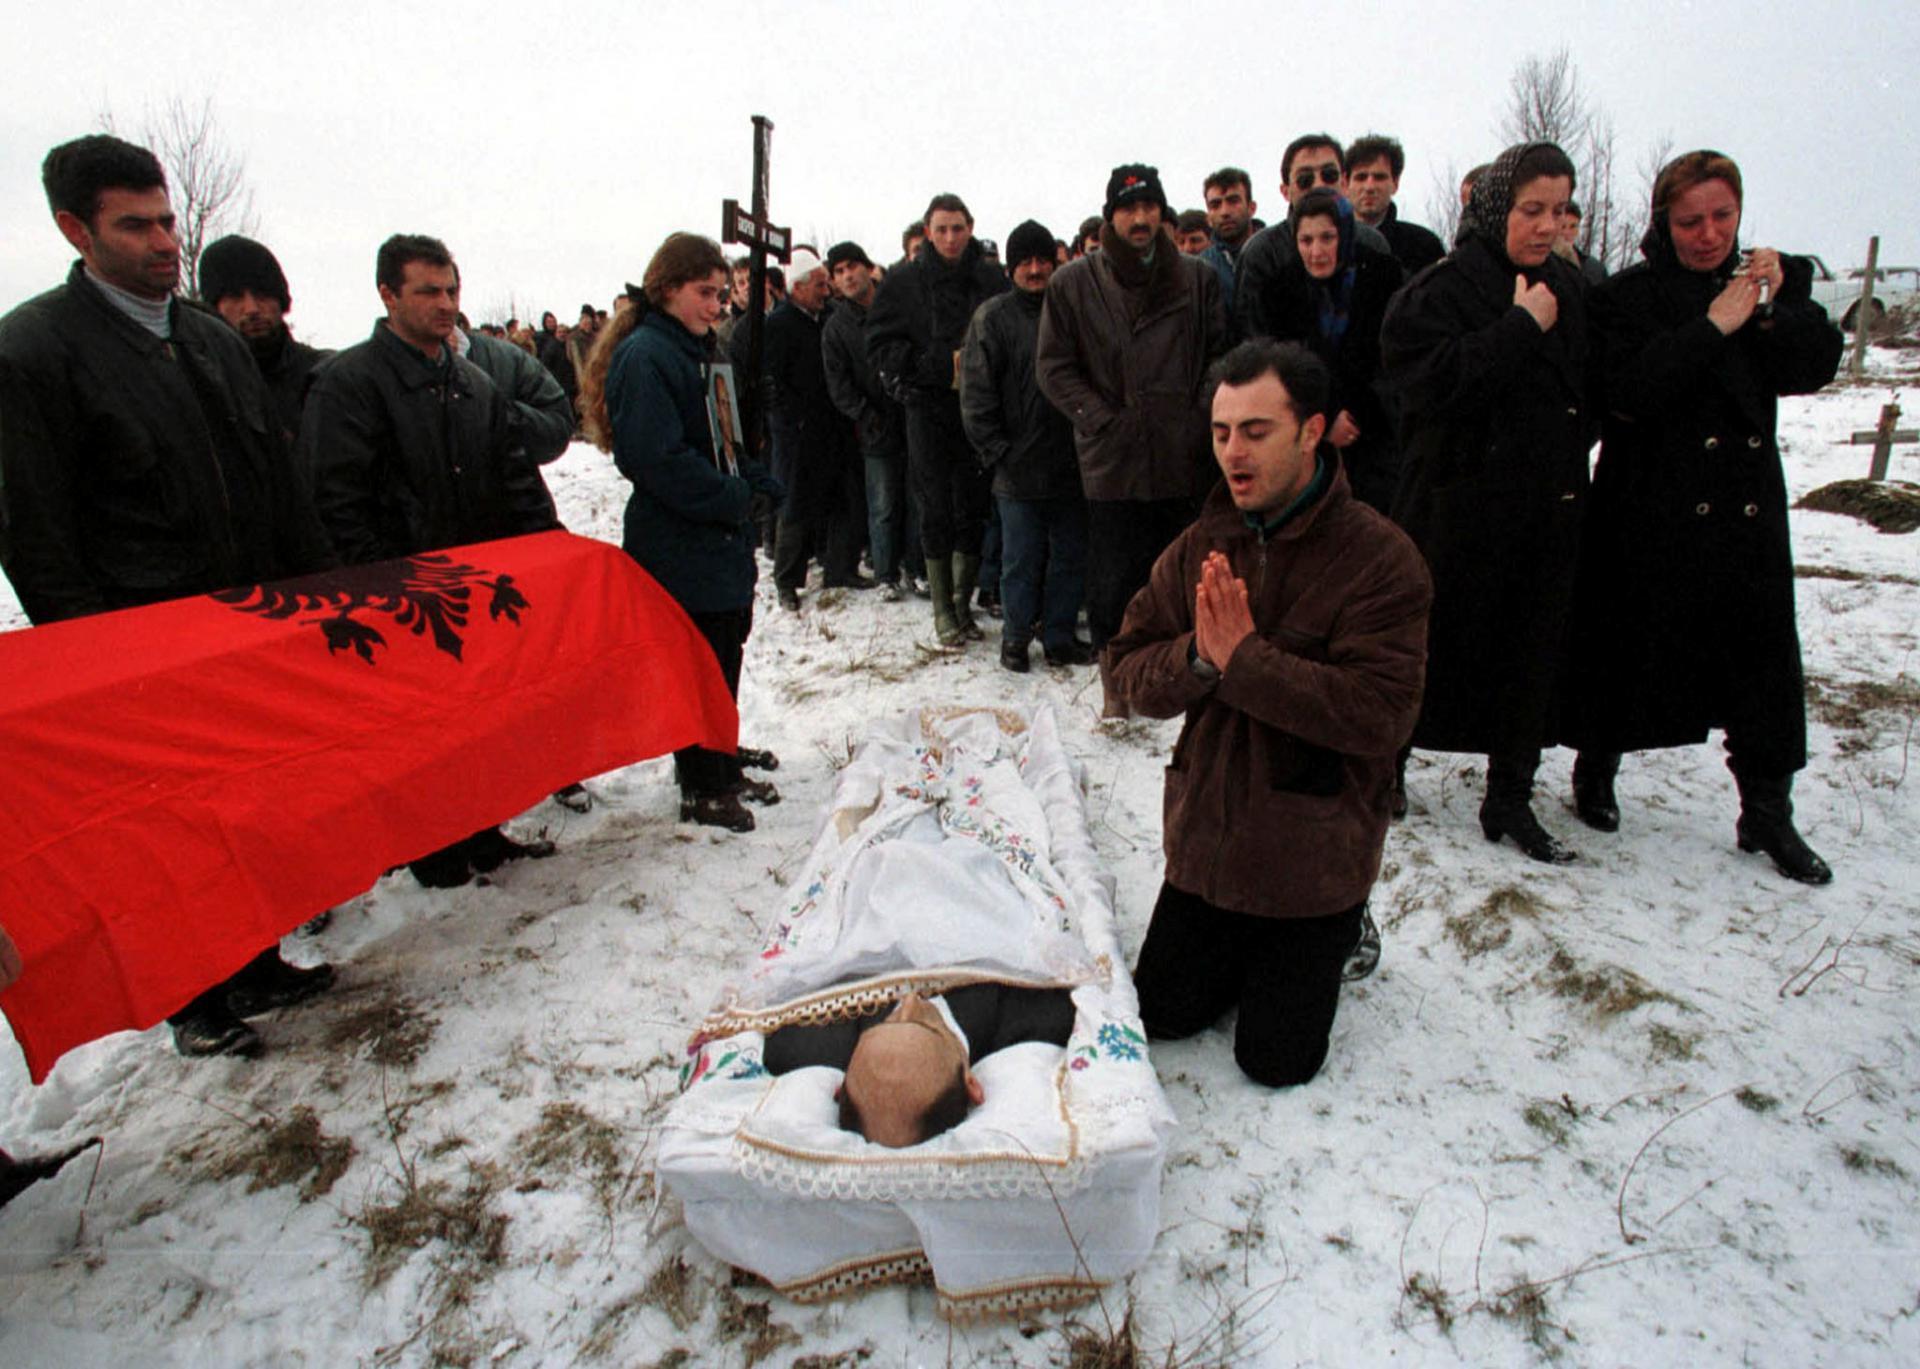 Na našem balkanskom području ključna će biti odluka o sudbini Kosova, koja bi konačno mogla okončati krvave sukobe, od kojih je (na fotografiji) posljednji bio prije točno 20 godina. Budućnost Kosova prvenstveno će utjecati na budućnost BiH